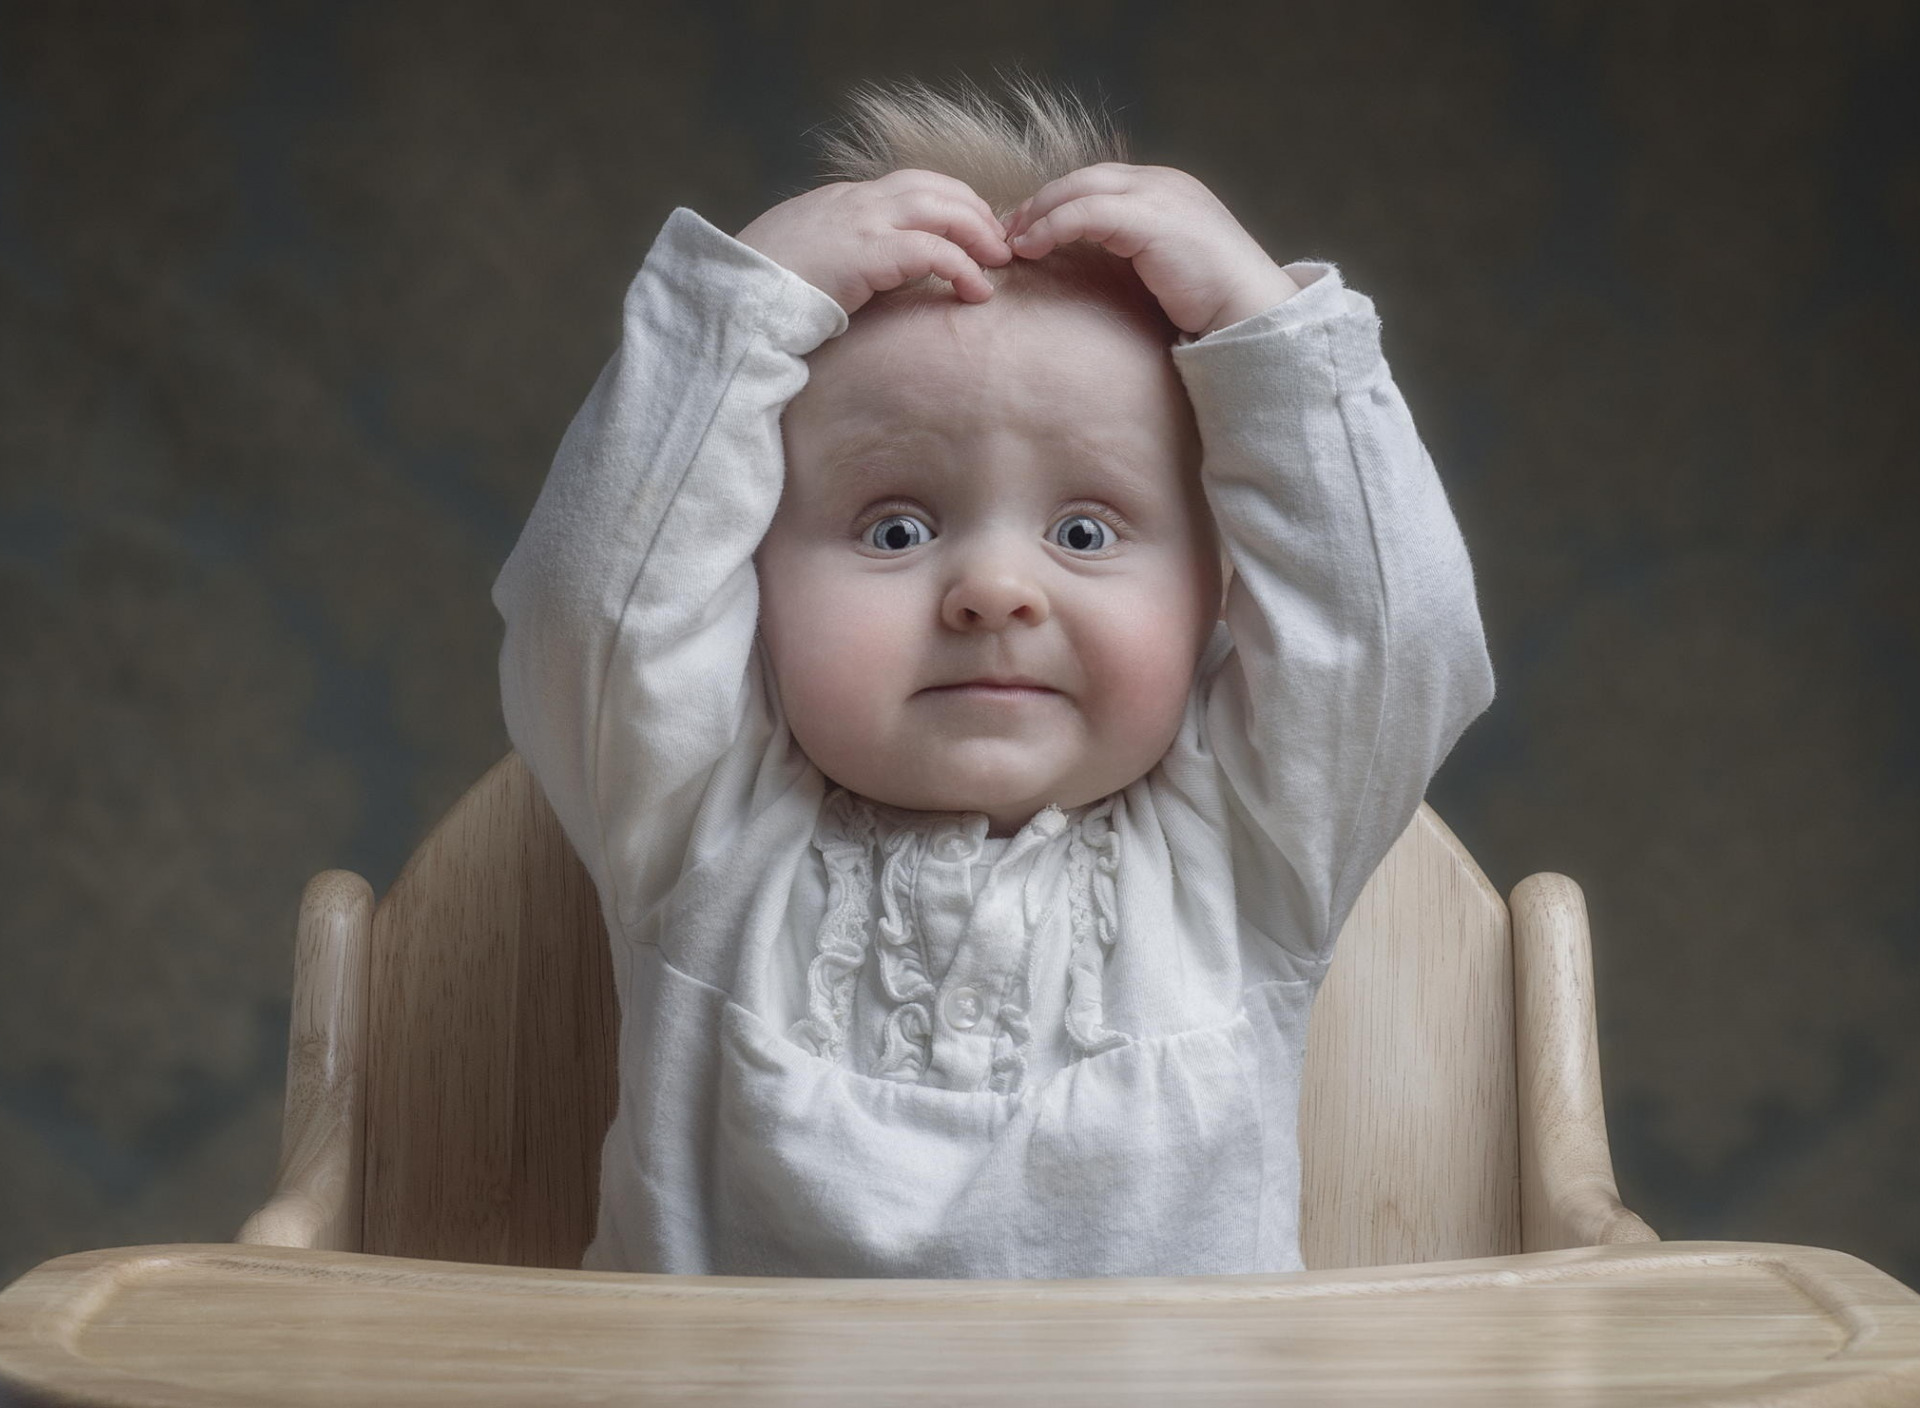 Картинка детская с приколами